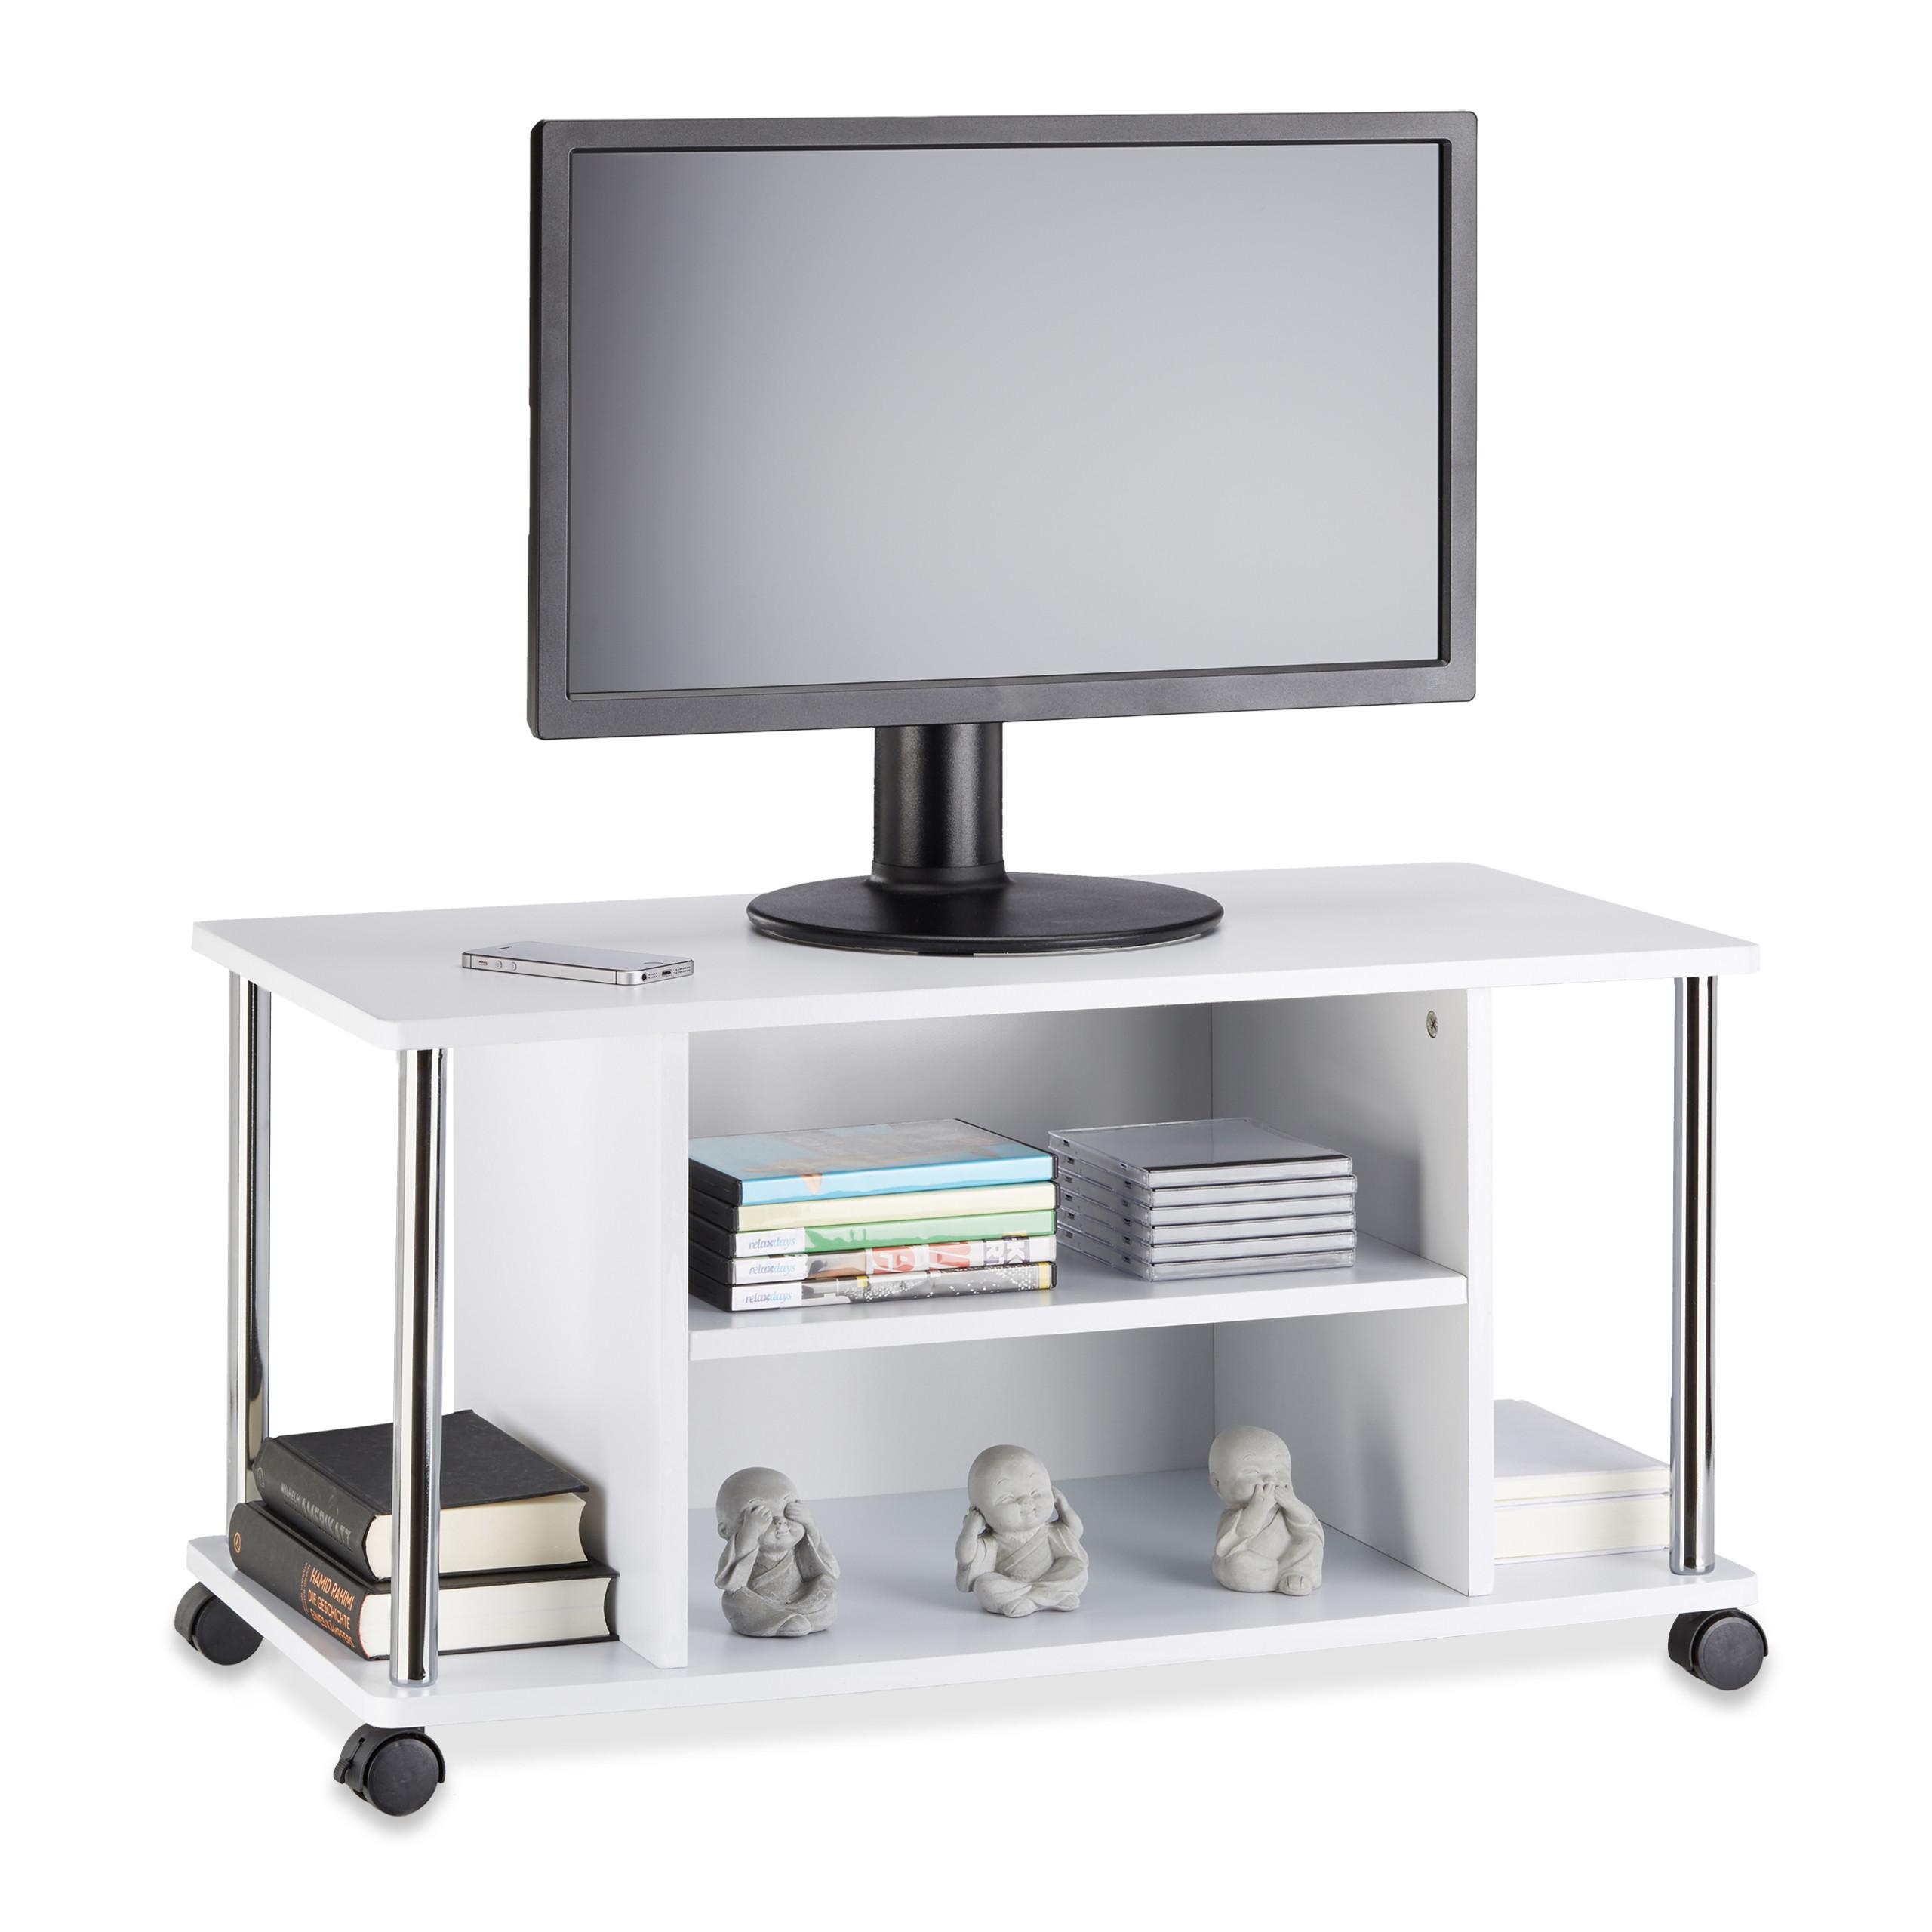 Dettagli su Carrello porta tv con ruote, mobile porta televisore, mobiletto  legno MDF bianco